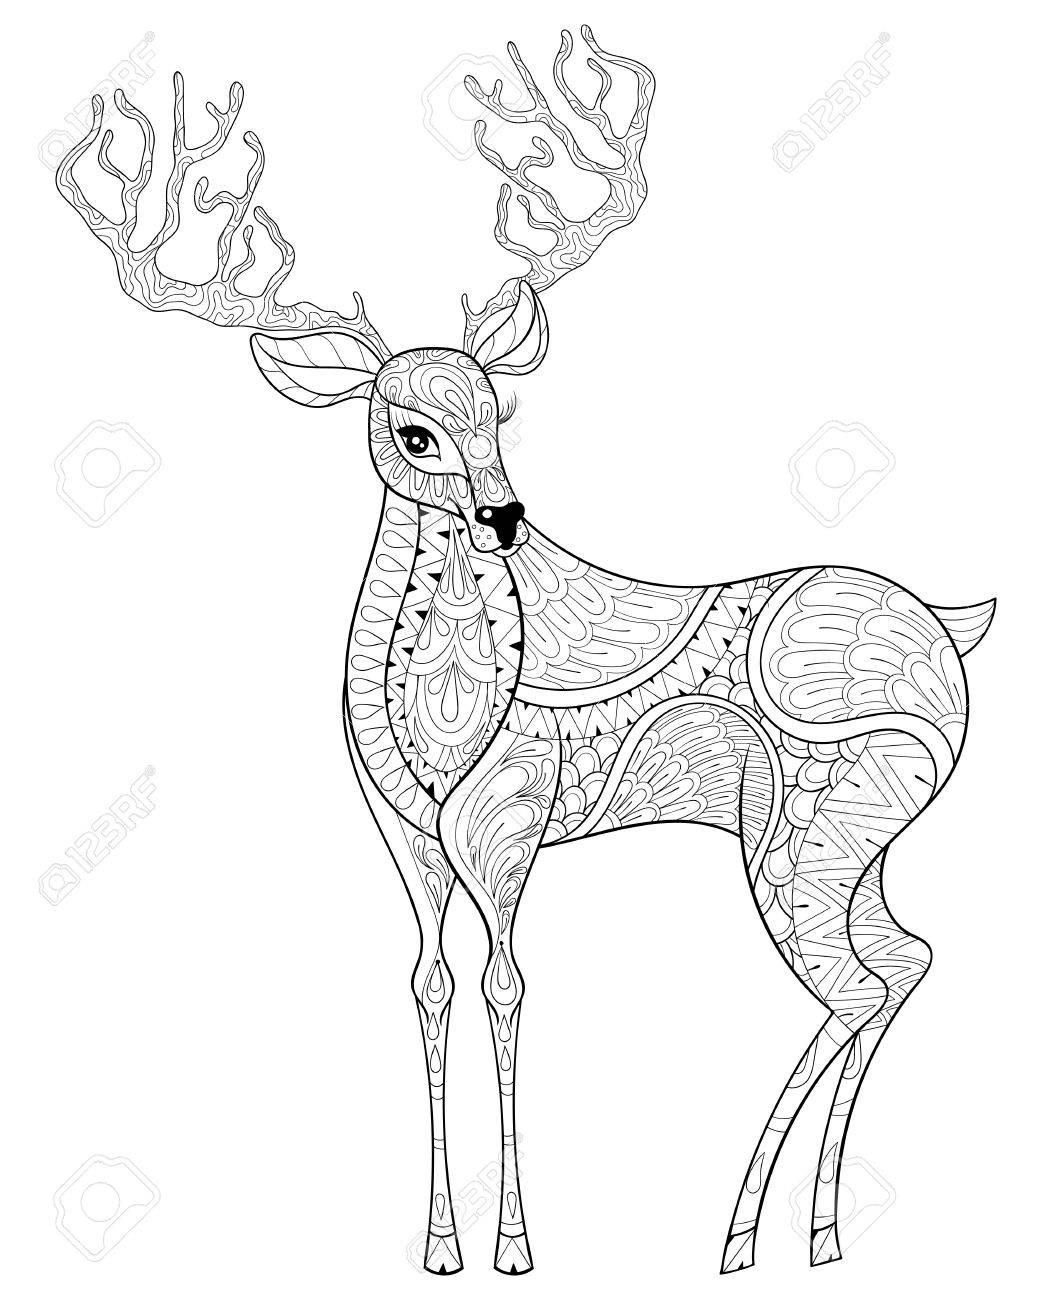 Vector Weihnachten Rentier, gehörnte Elch für Erwachsene  Anti-Stress-Malvorlagen. Hand gezeichnete Illustration für das neue Jahr  8,